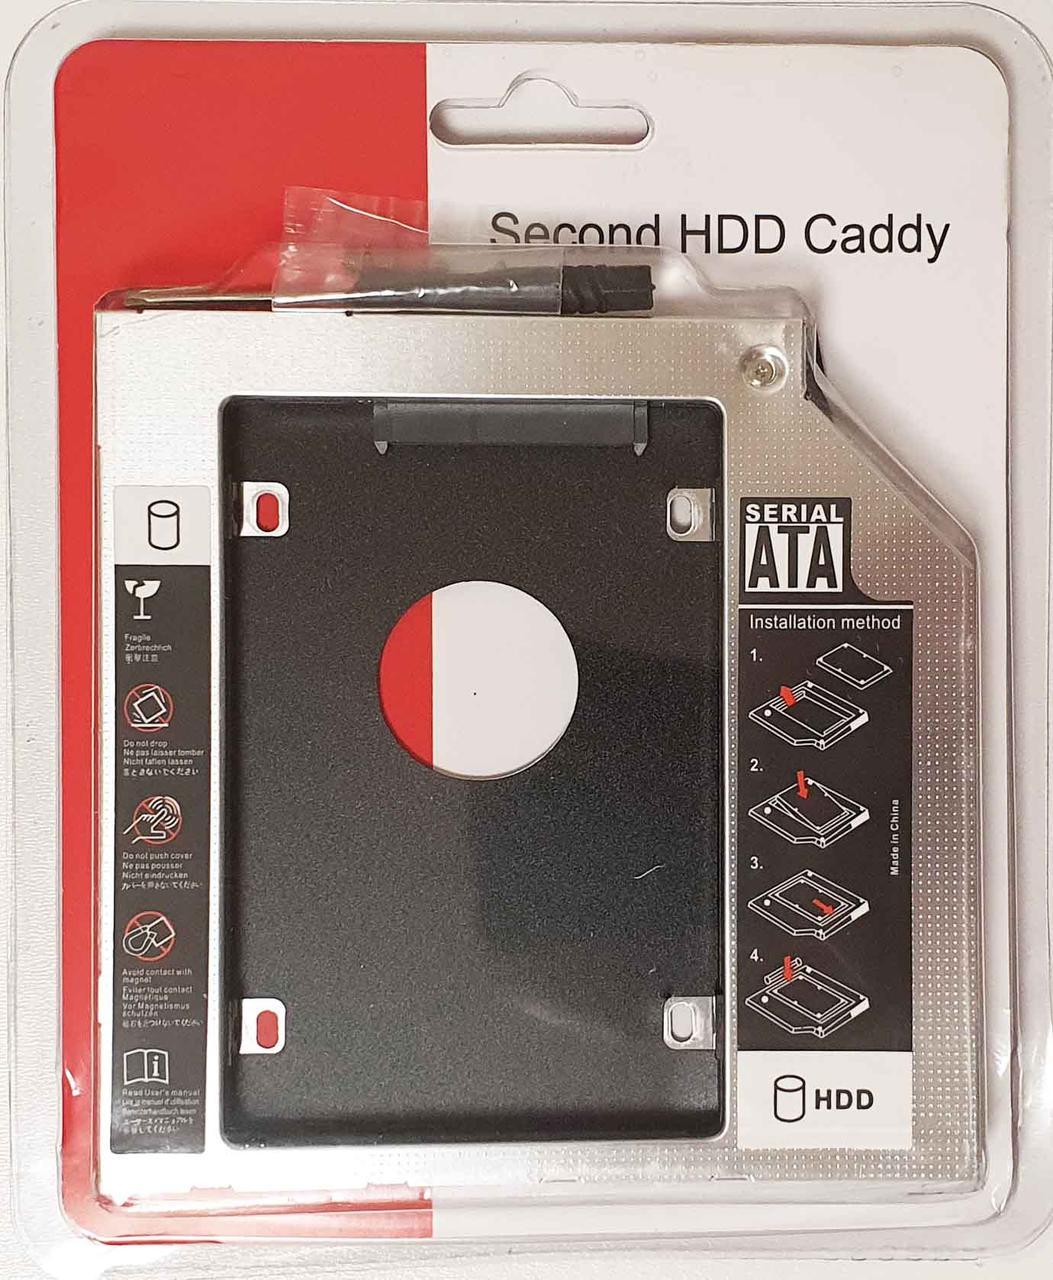 Кишеня для установки другого жорсткого диска SATA у відсік DVD 12.7 мм SATA (optibay caddy) алюміній